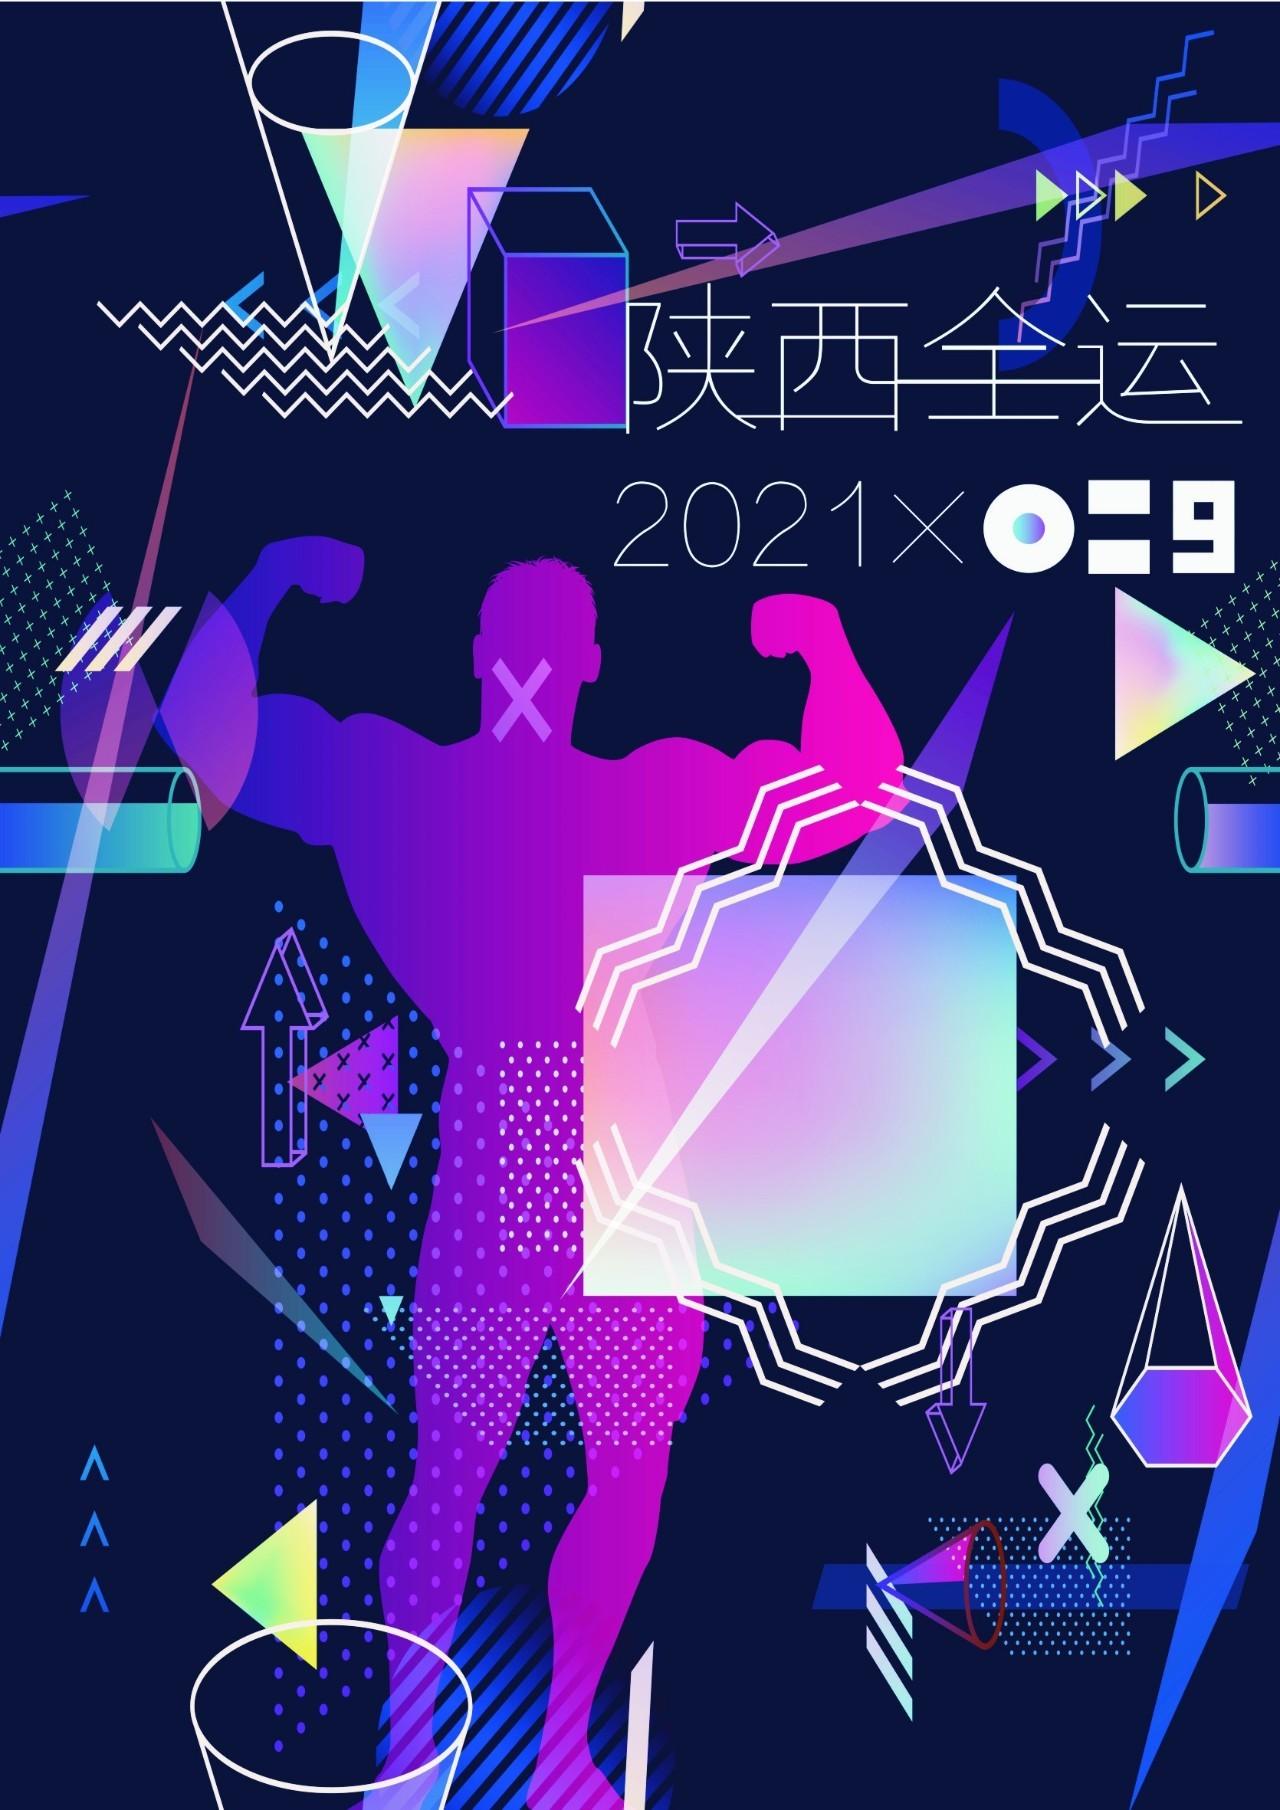 第十四届全运会系列海报设计